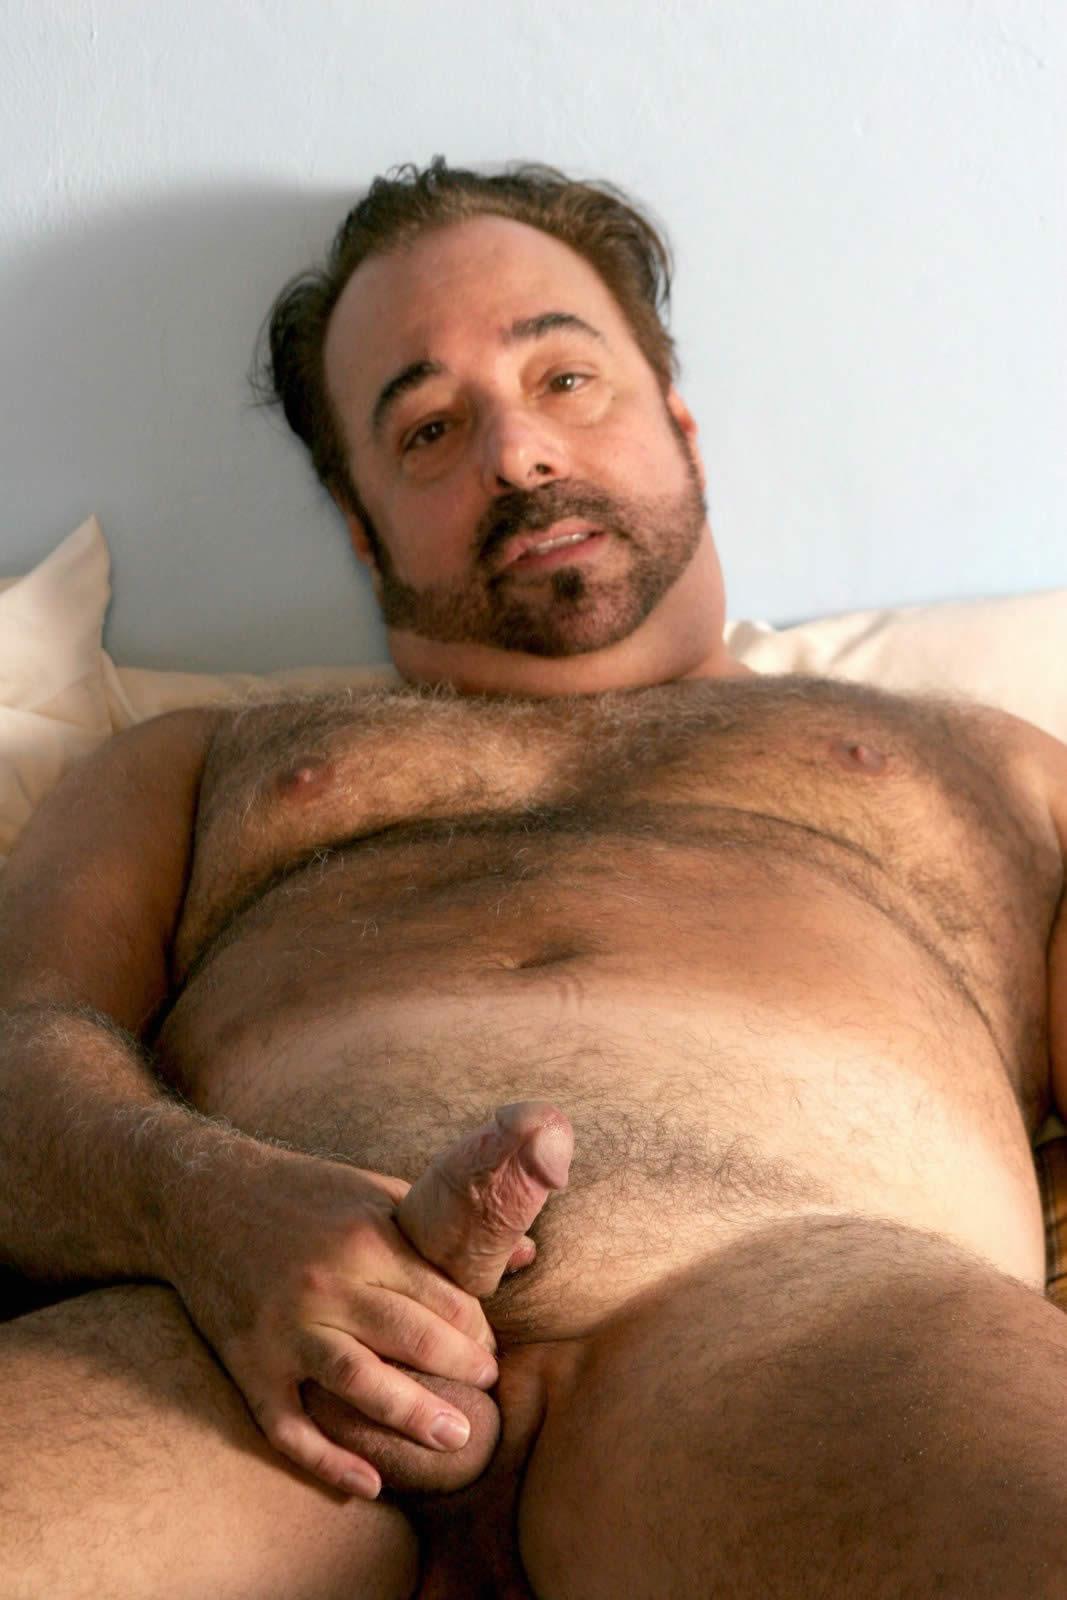 порно видео девушек с геями